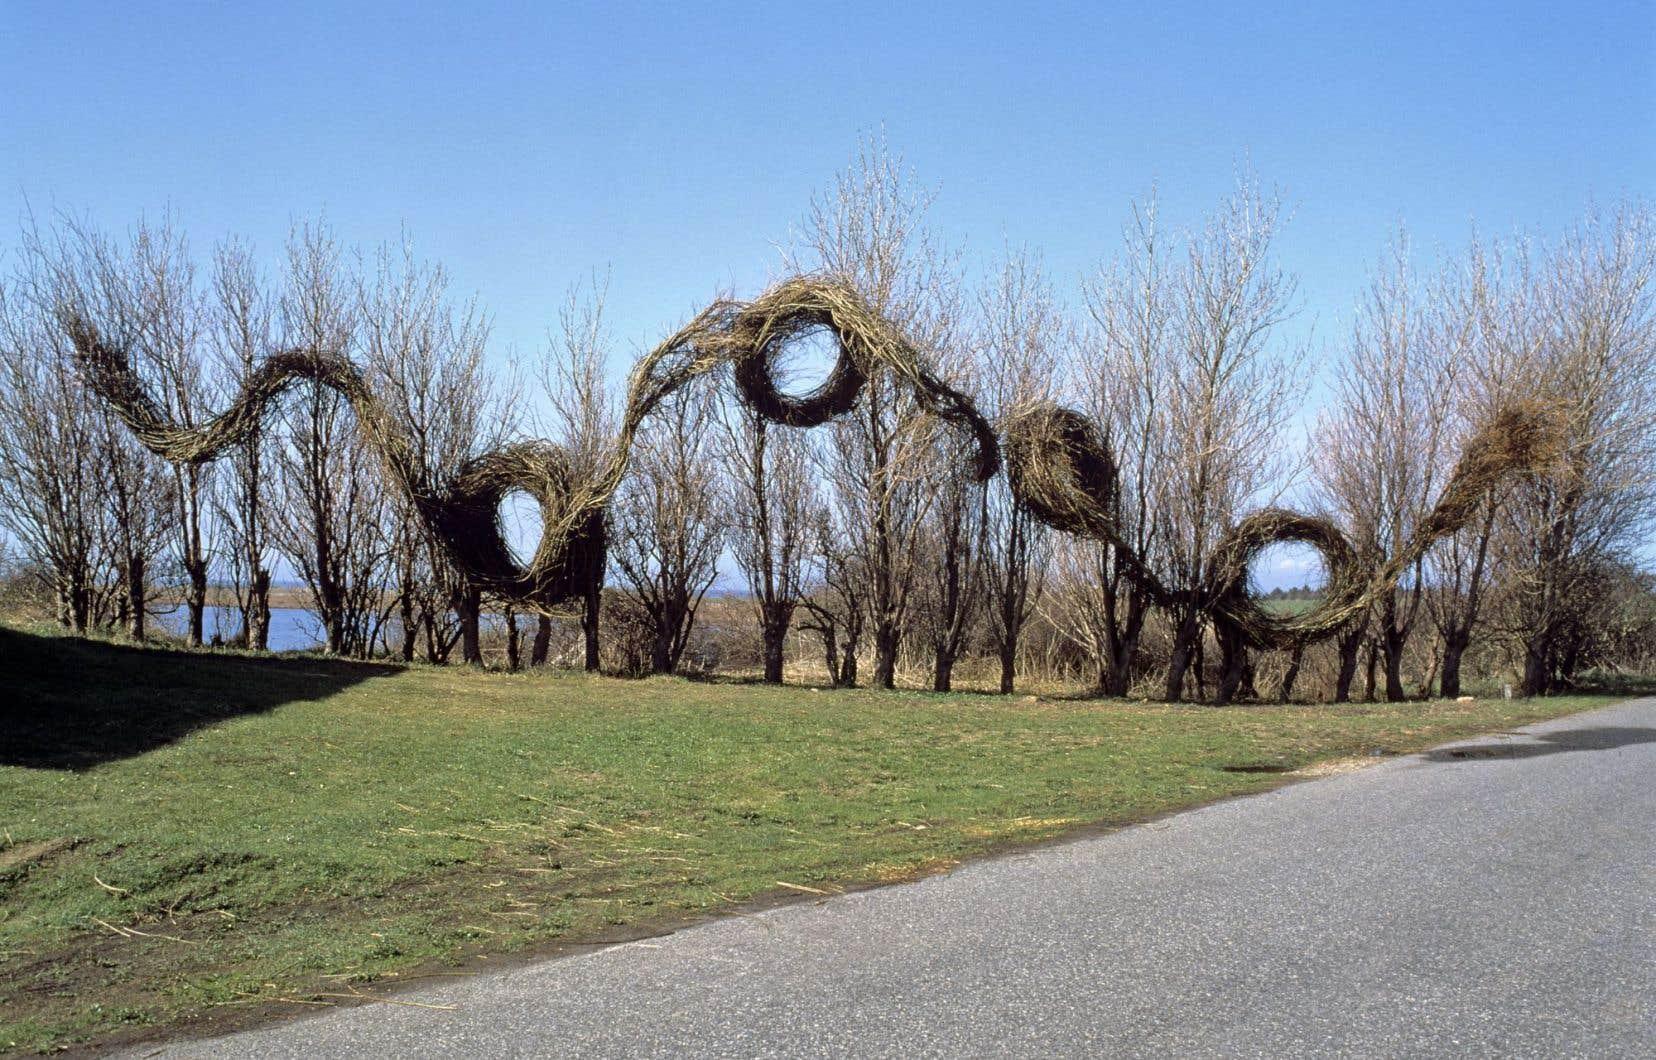 L'artiste Patrick Dougherty créera en direct ses œuvres à partir de tiges de saules tressées dans l'Arboretum du Jardin botanique. Les visiteurs seront aussi invités à créer à ses côtés une œuvre.